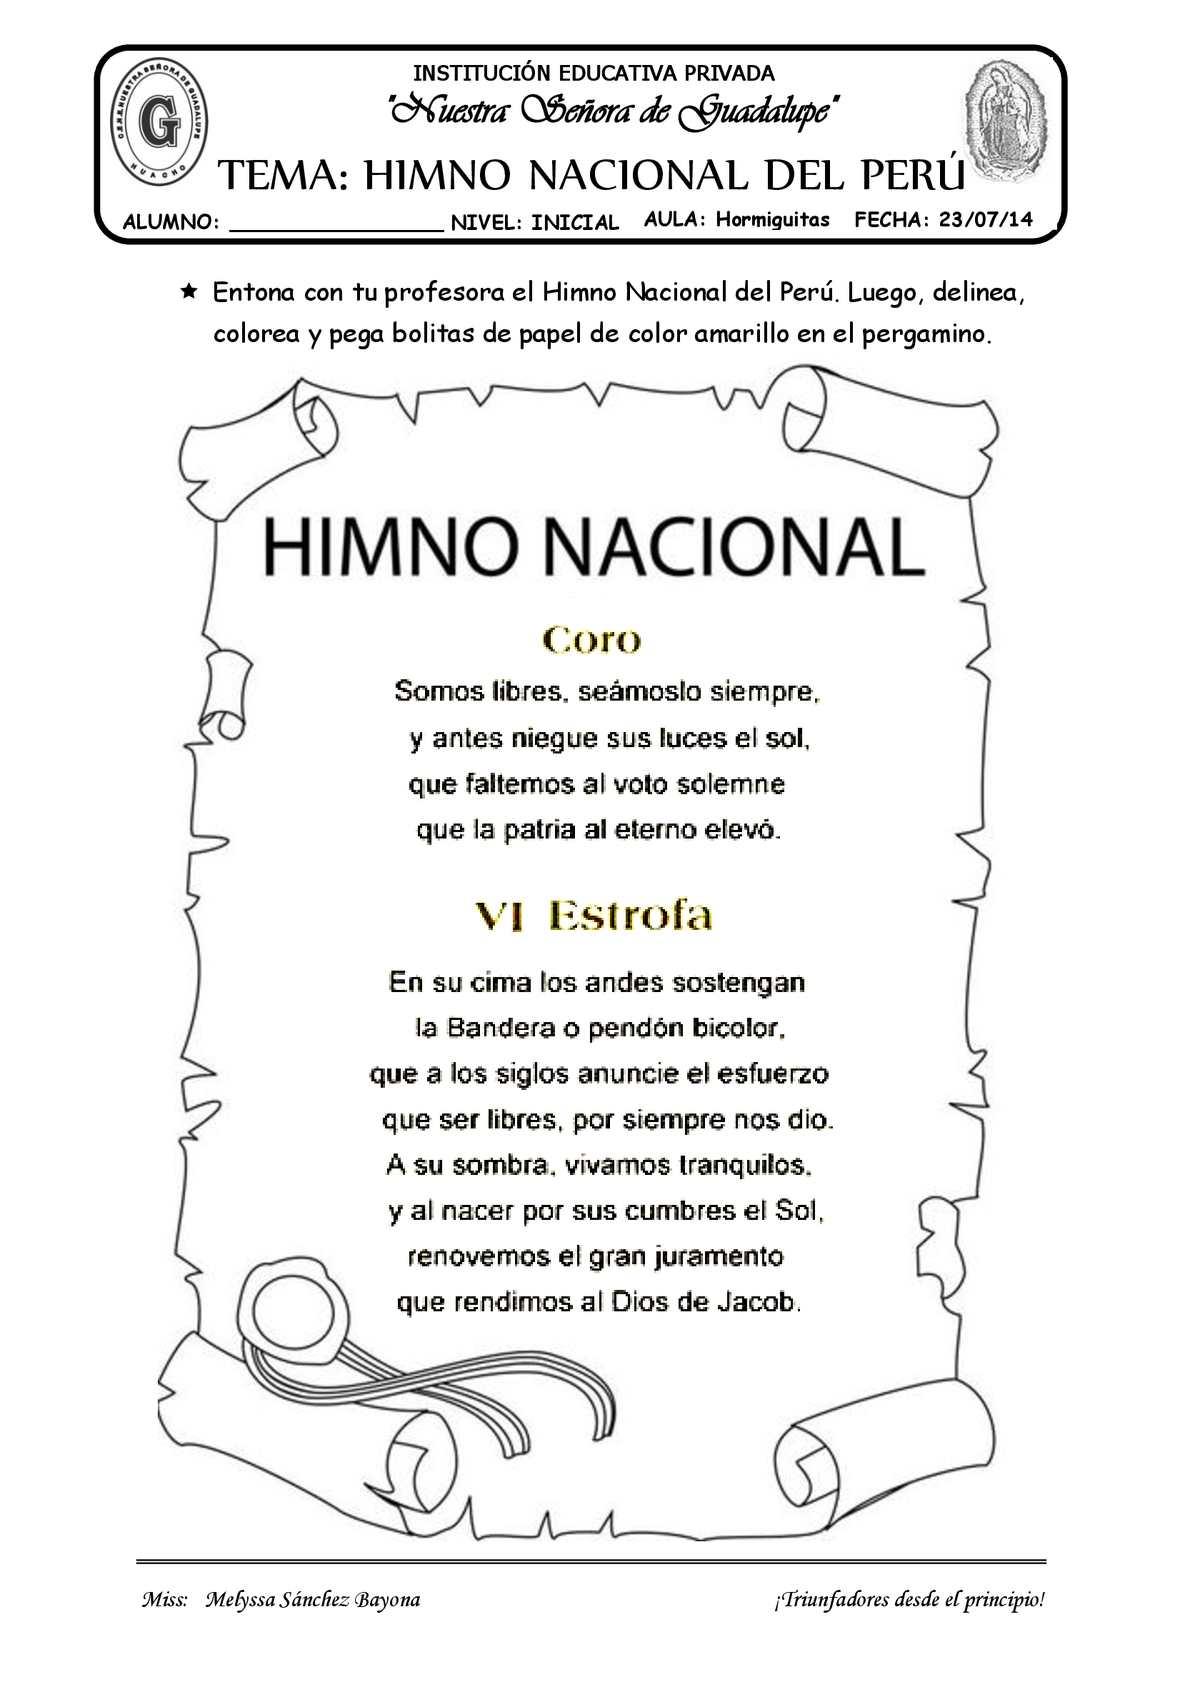 TEMA: EL HIMNO NACIONAL